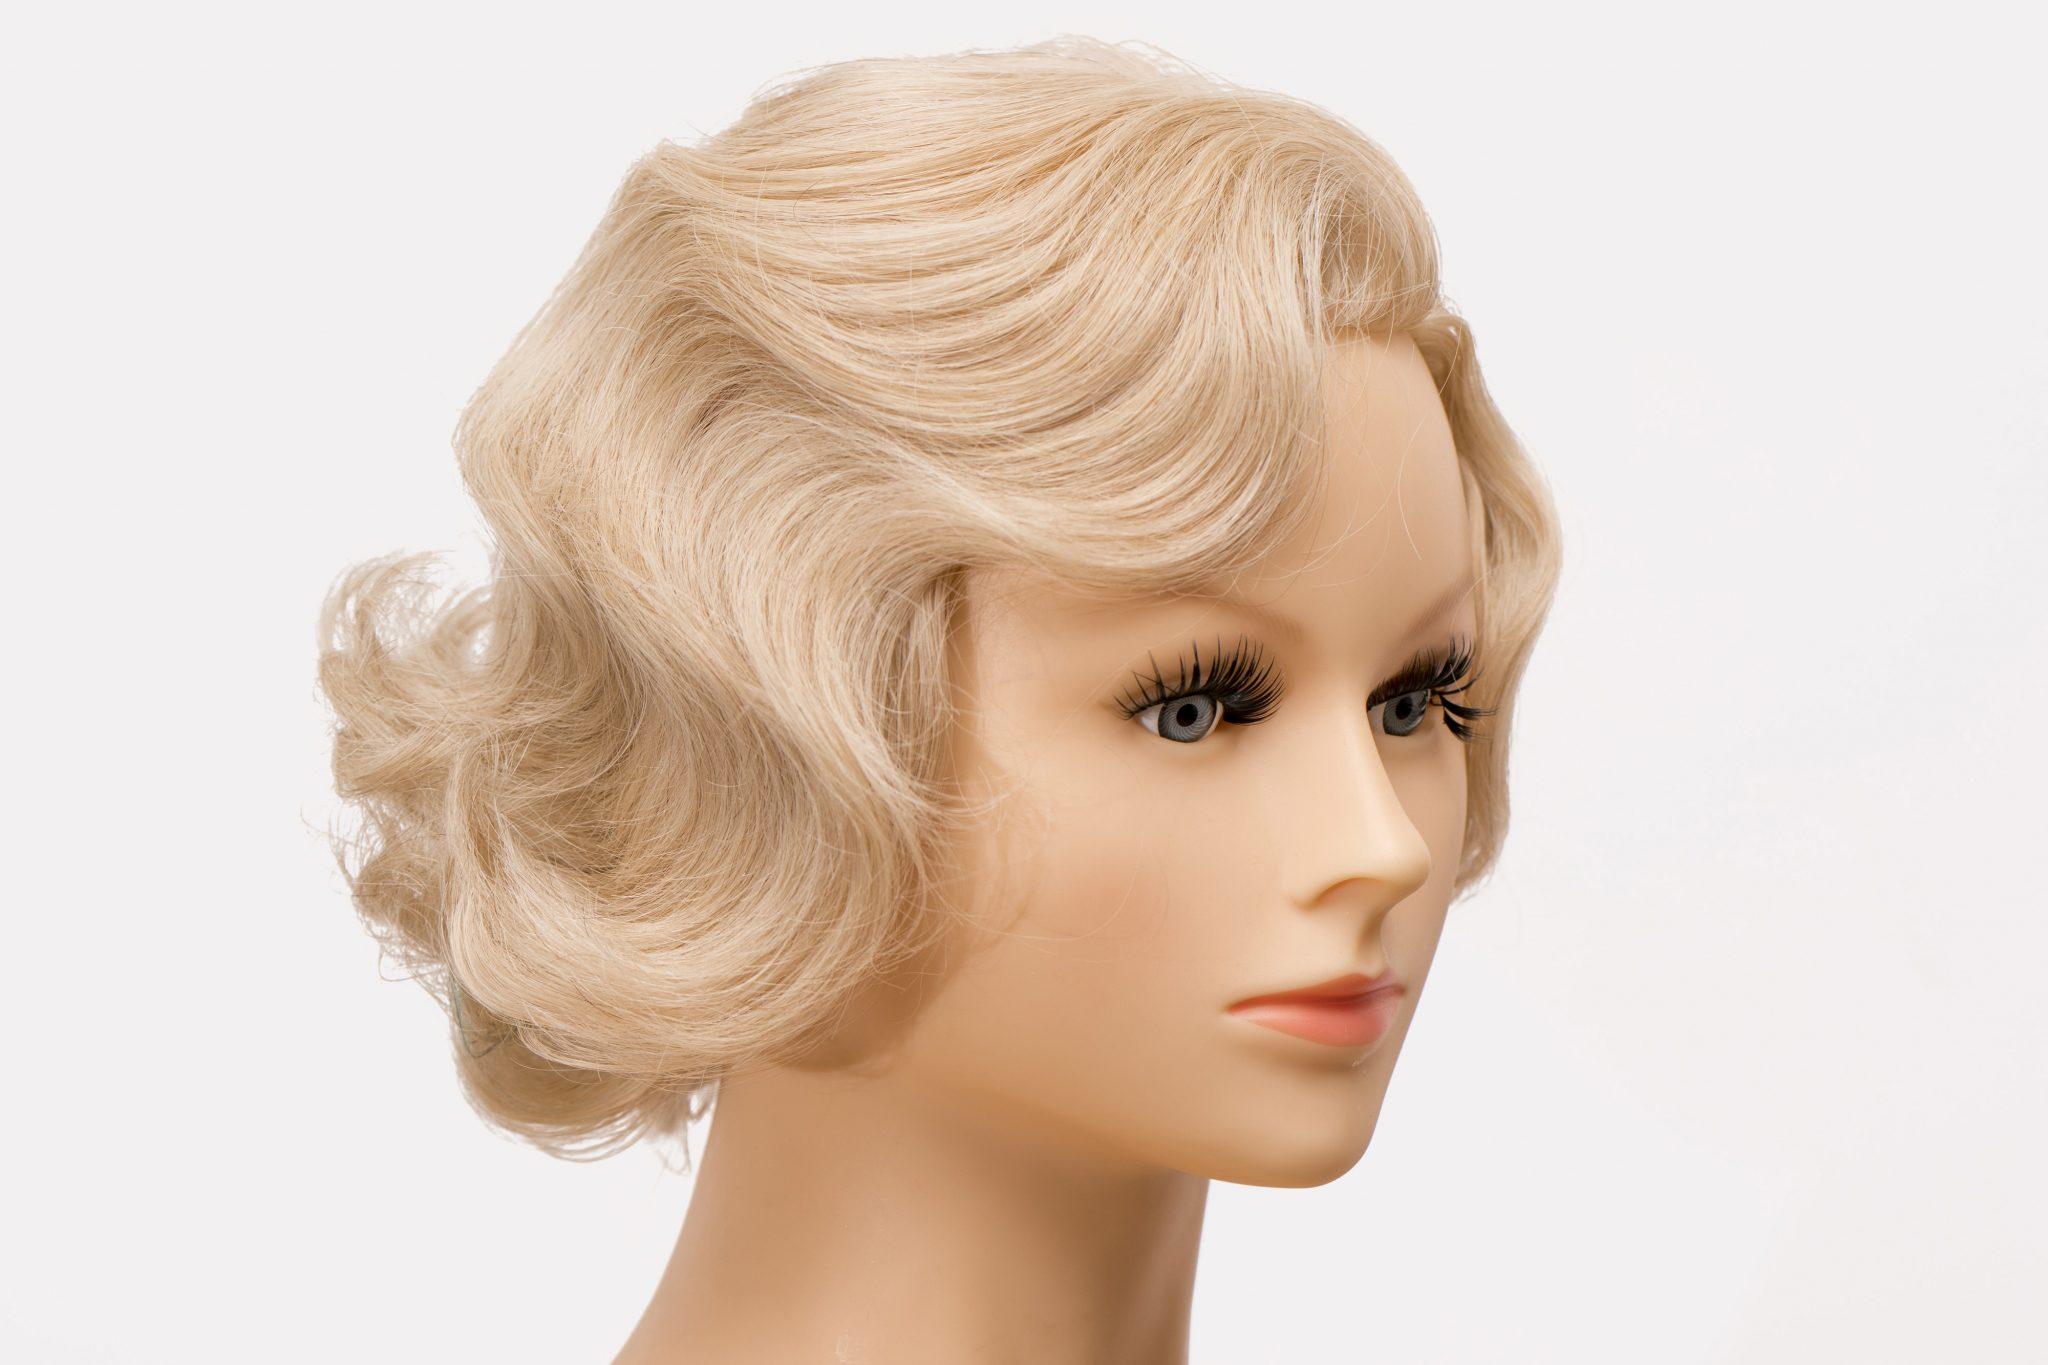 Til denne fotooptagelseopgave blev der valgt at bruge frisørhoveder, i stedet for levende modeller, for at fokus ville være på frisurerne og hvordan teknikken skulle være, frem for på modellen.